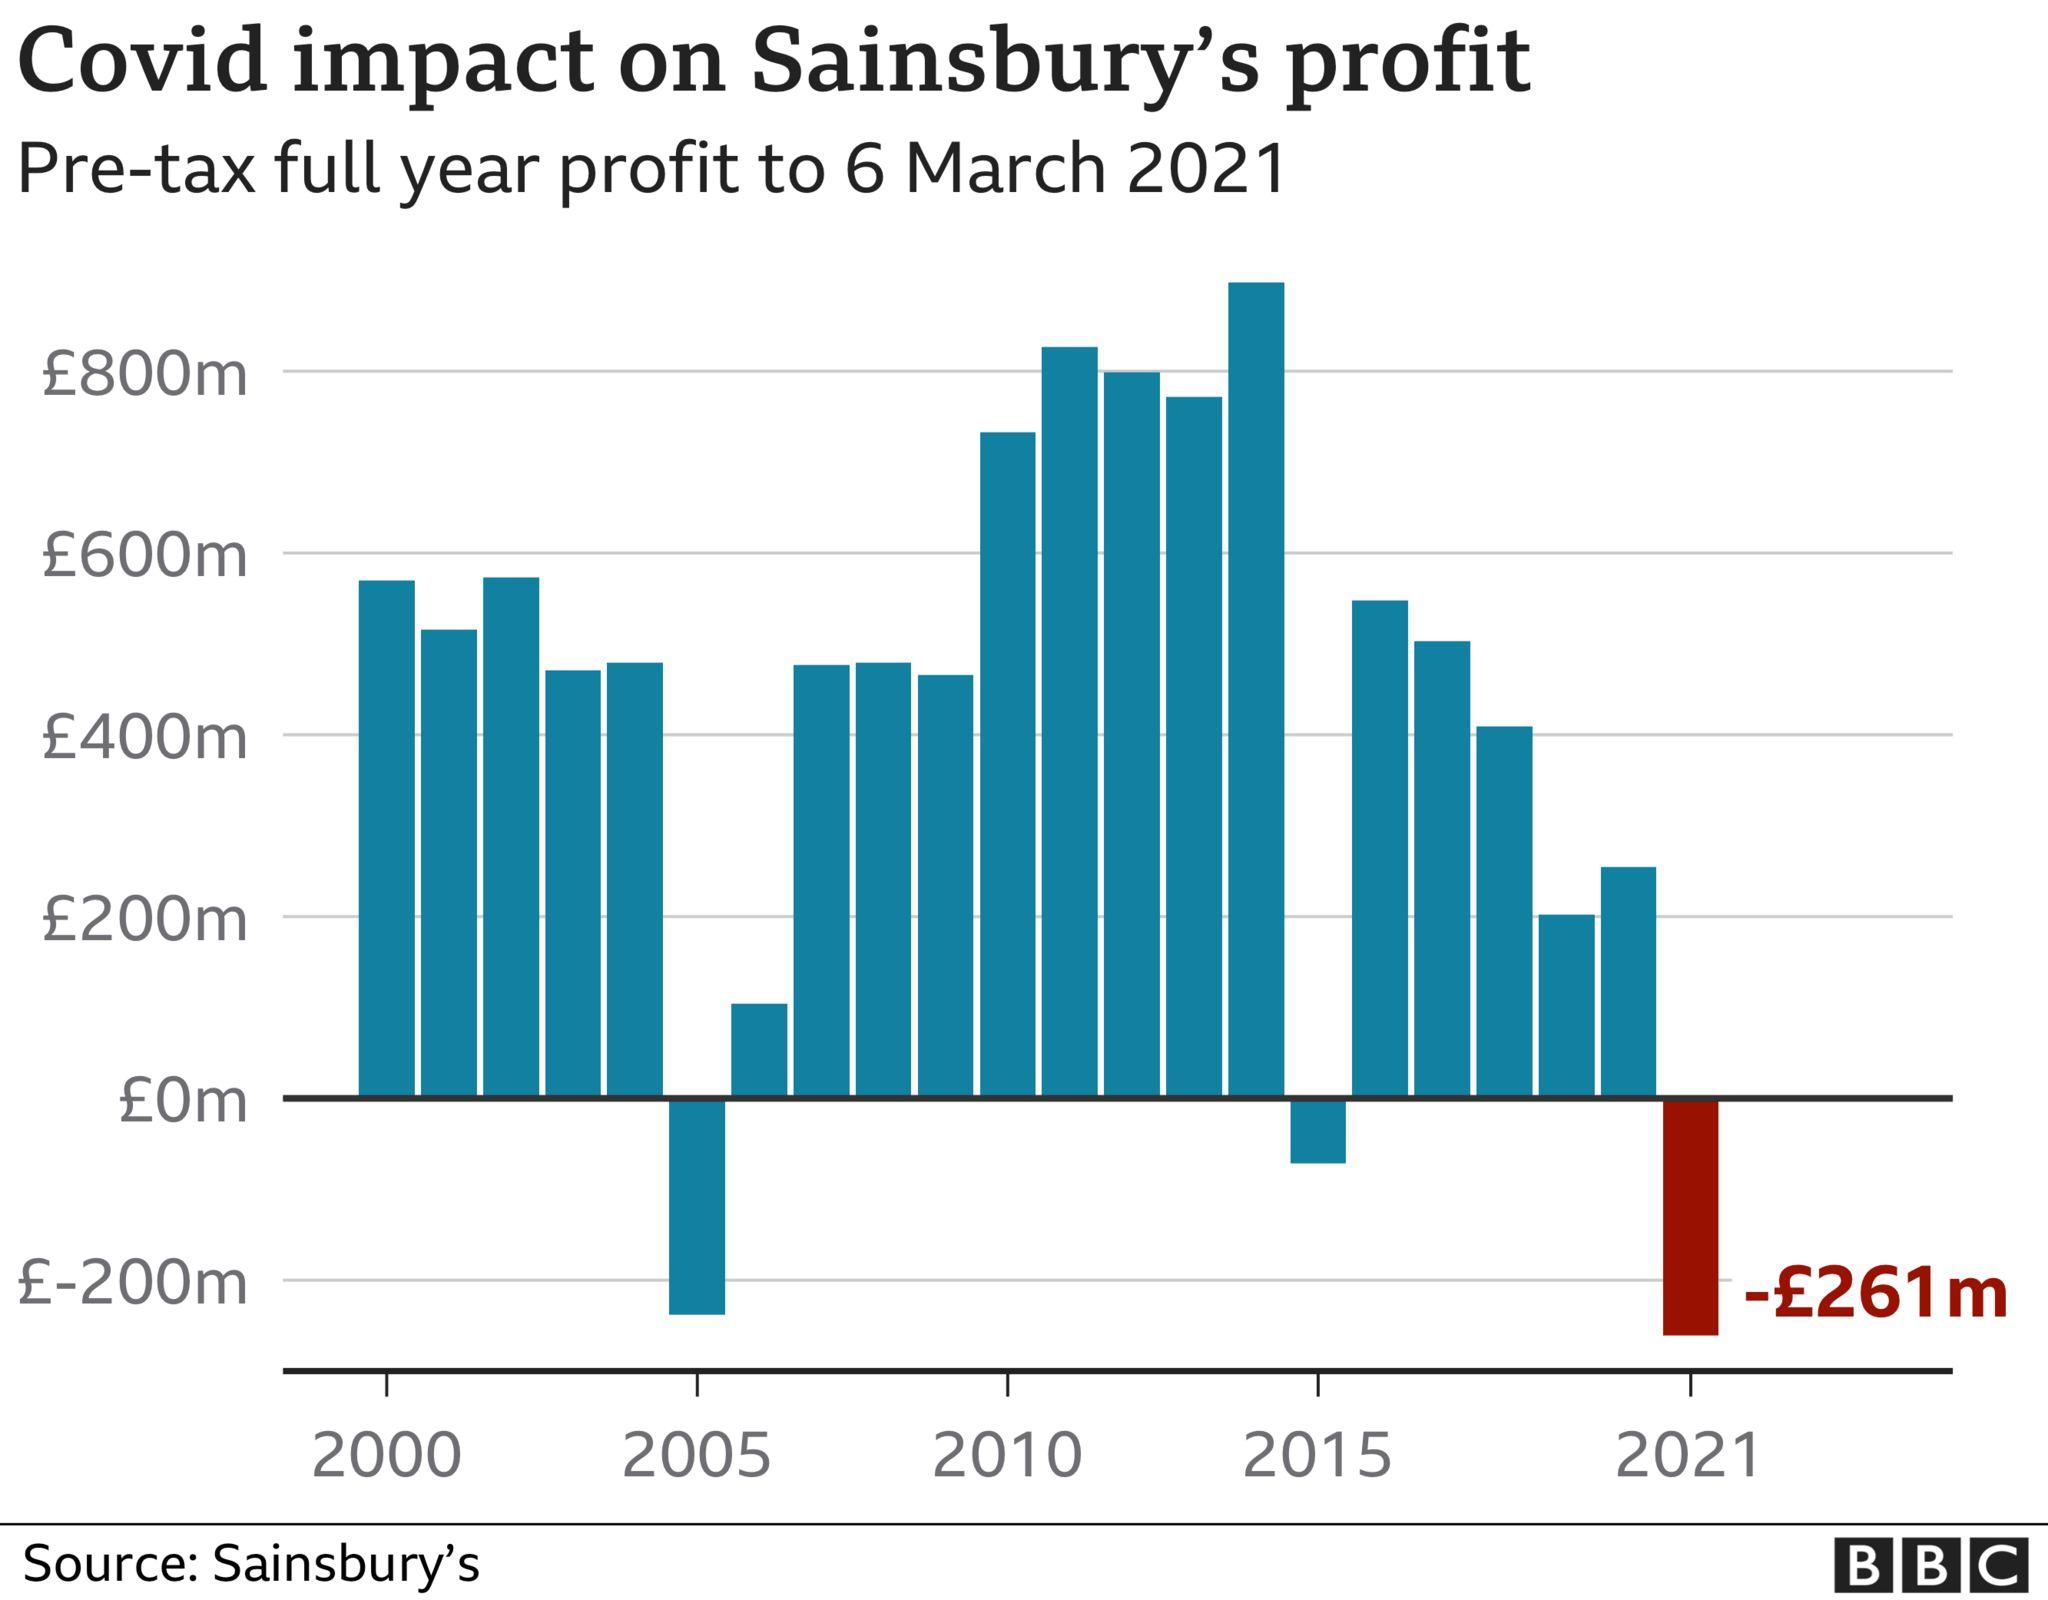 Sainsbury's profit chart